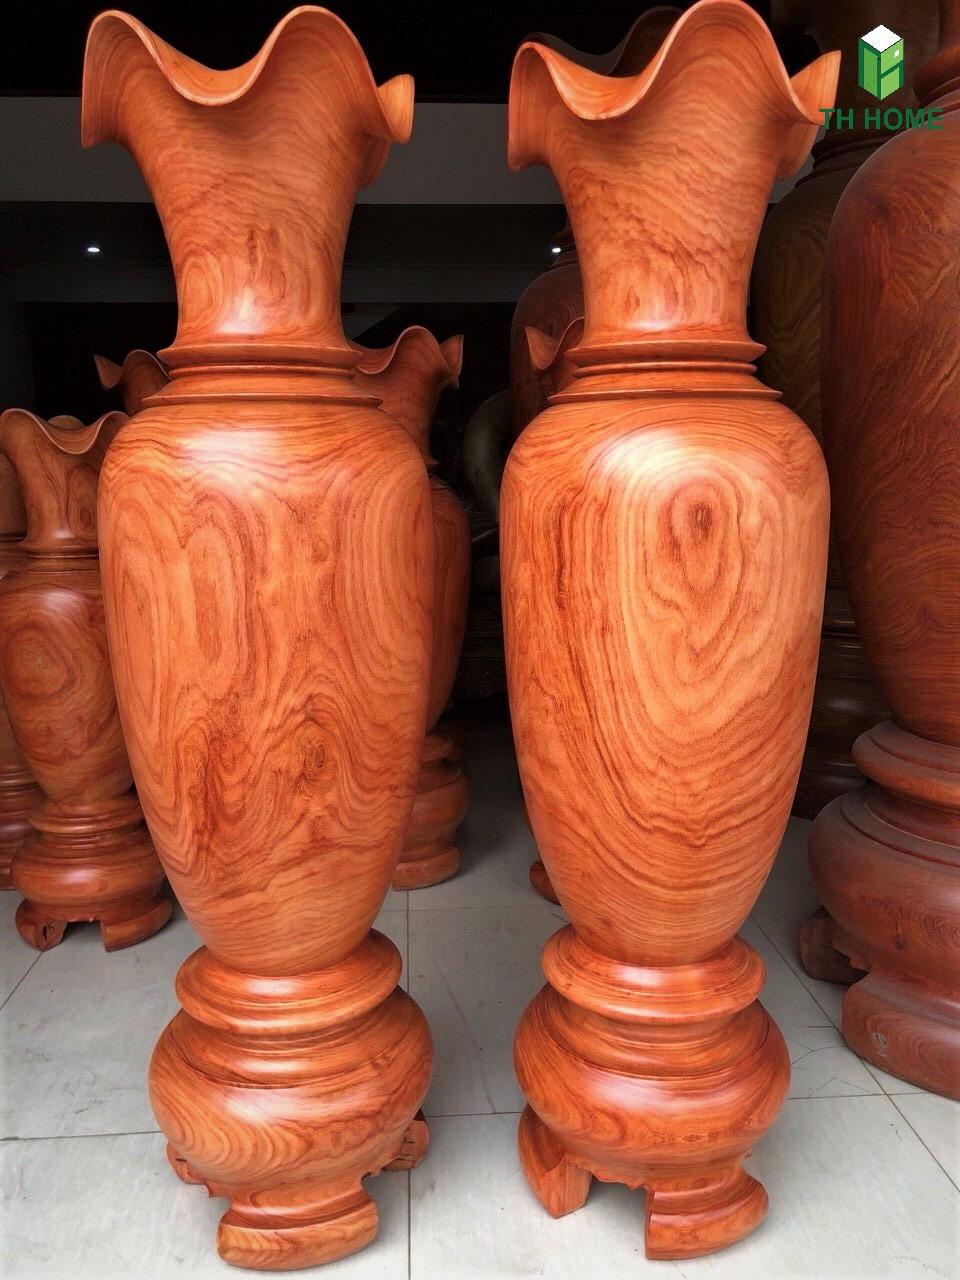 đồ gỗ óc chó với gỗ hương